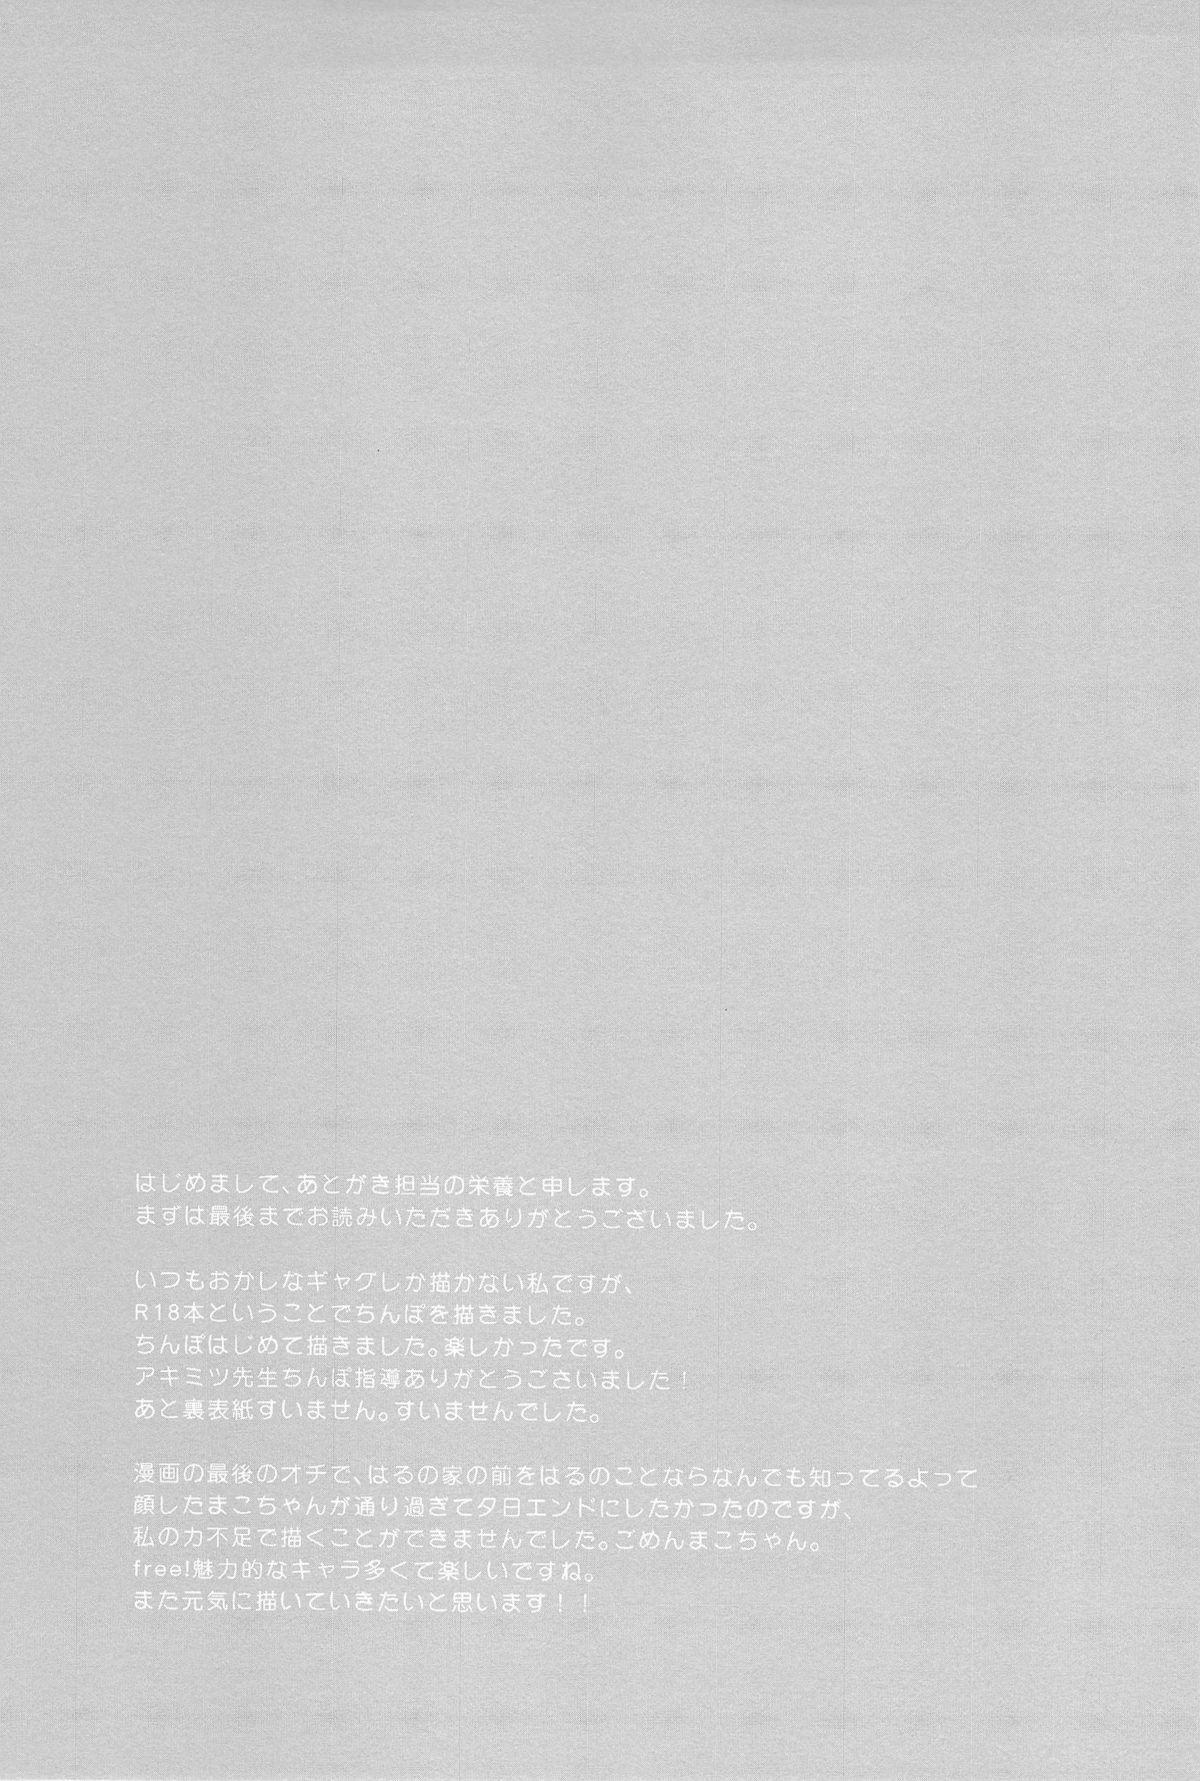 Boku no Riron de Uketetachimasu 32